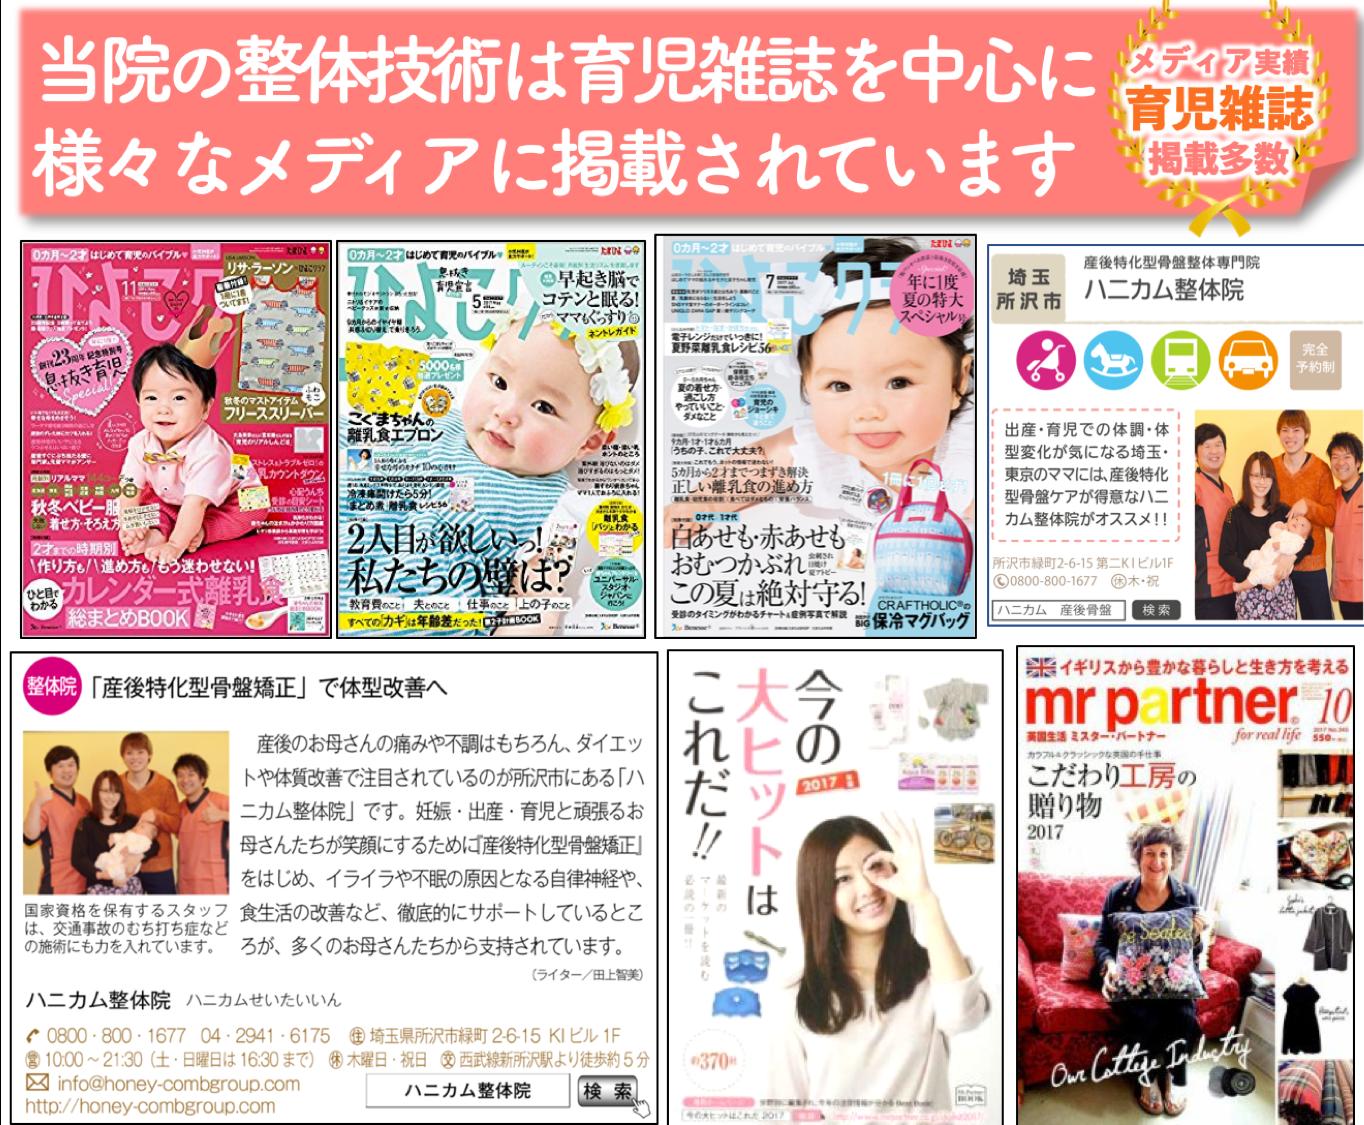 妊婦と産後特化型ハニカム整体院のメディア実績